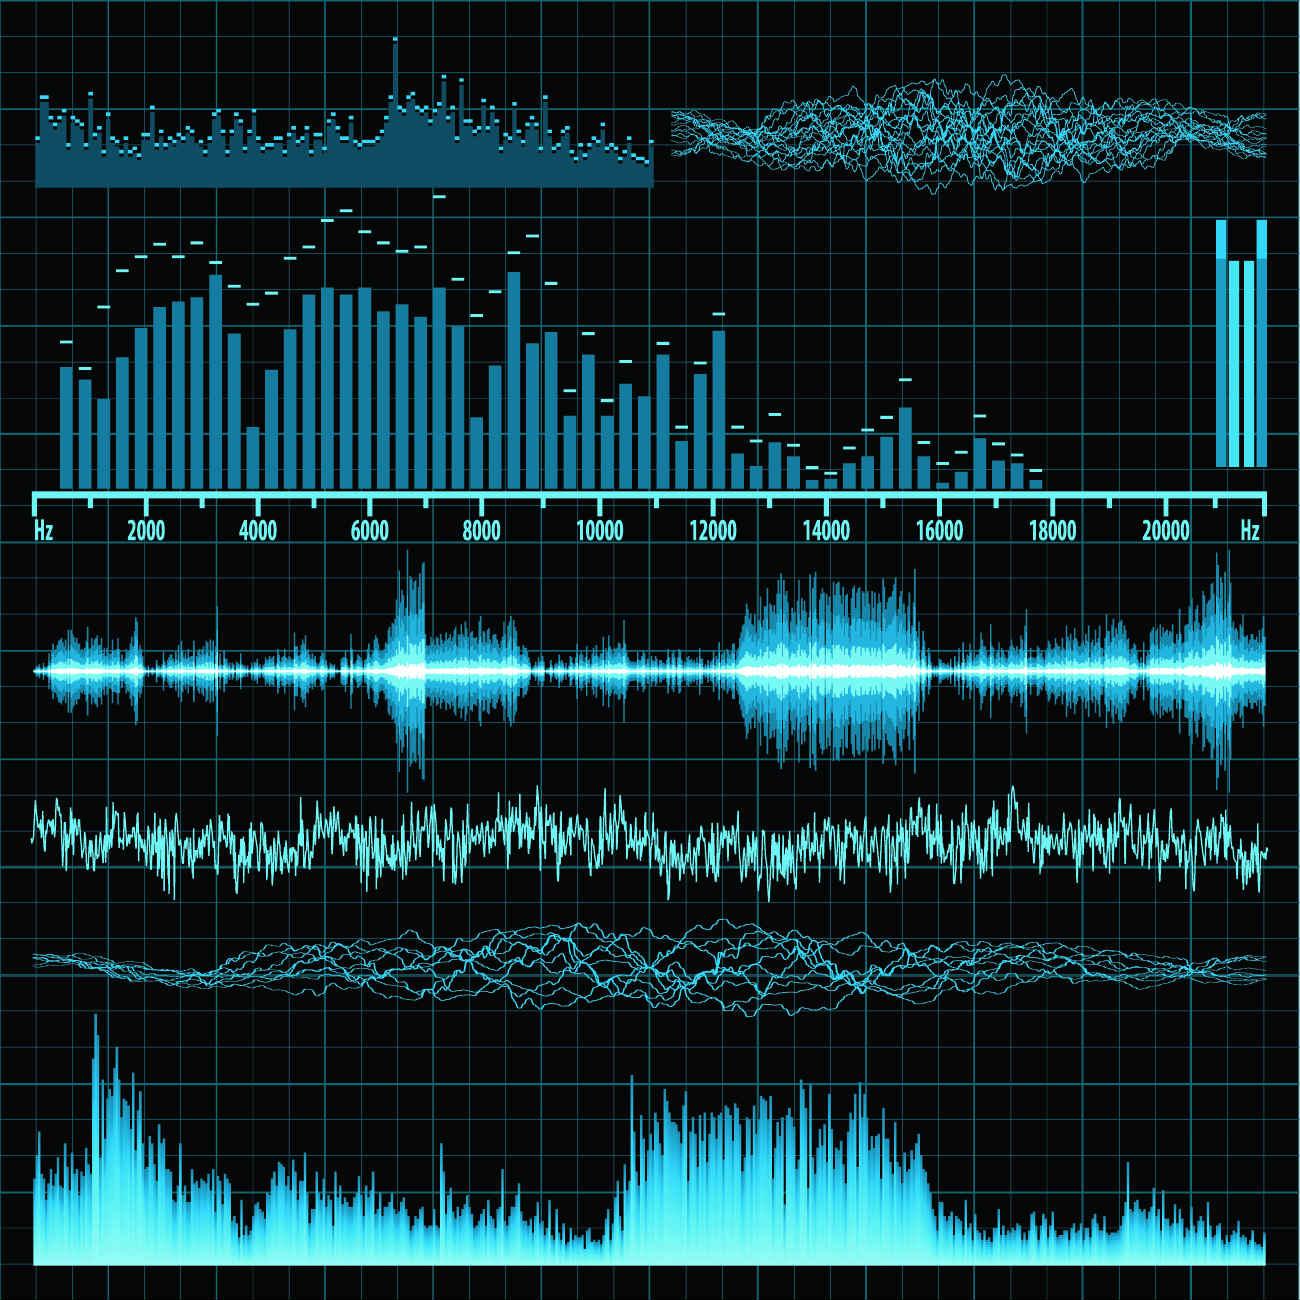 Spectrum Management Spectrum Monitoring